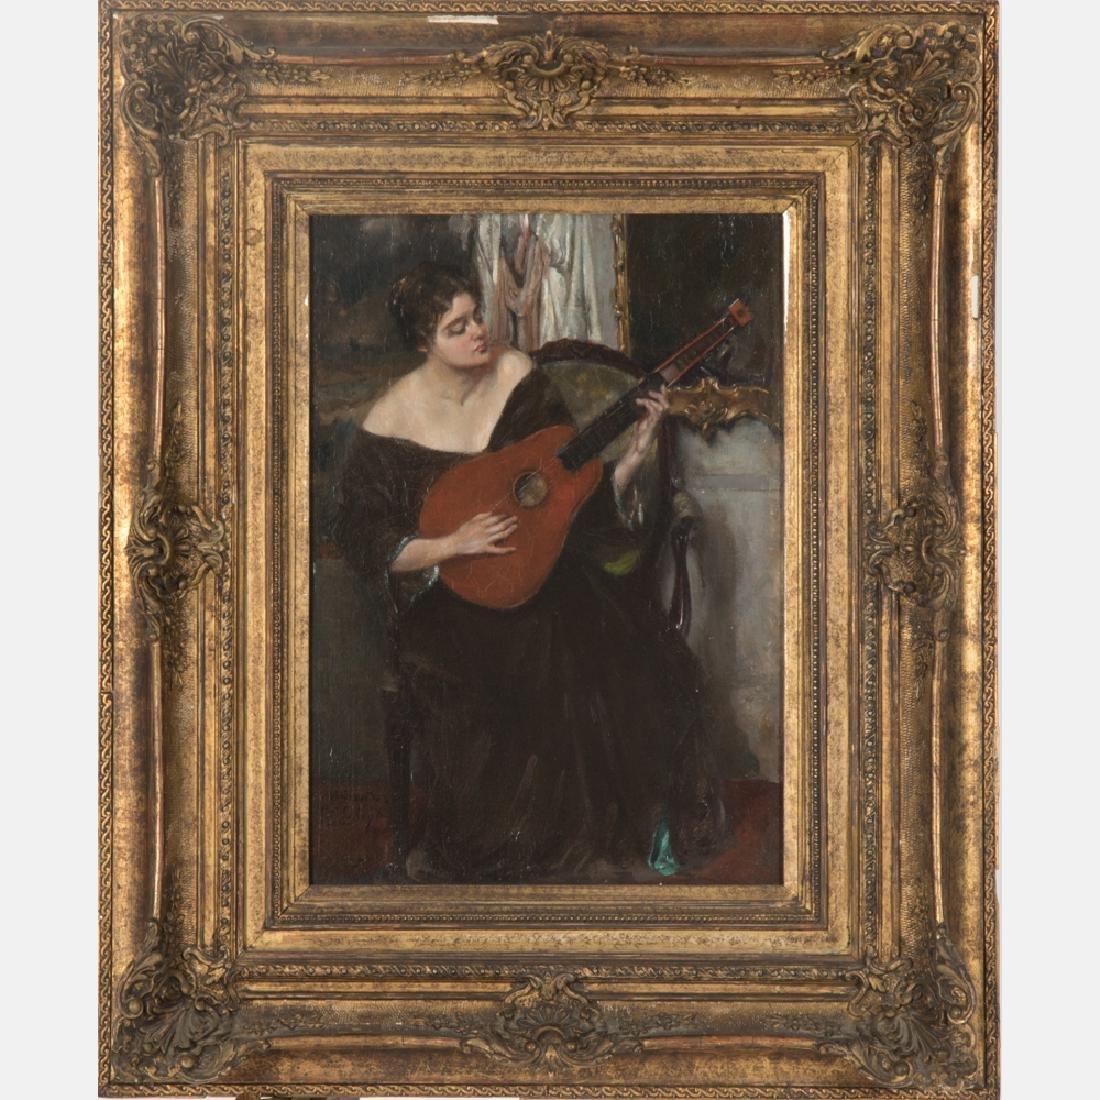 Jan Schreuder van de Coolwijk (1868-1962) Woman Playing